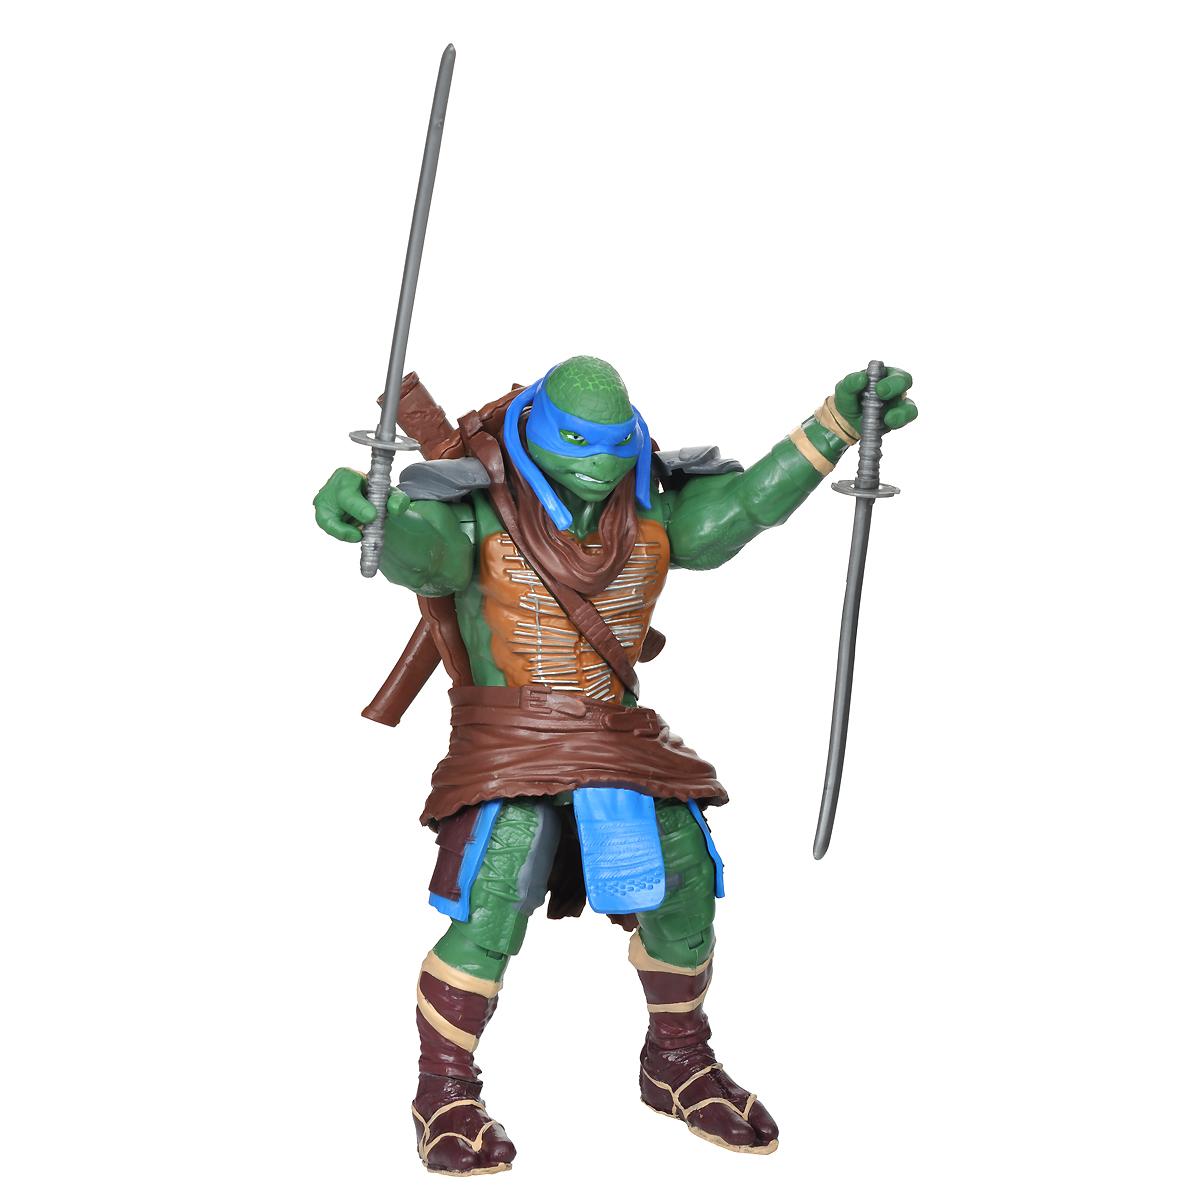 Фигурка Turtles Леонардо, 28 см. 91555_9155691556Большая фигурка Turtles Леонардо станет прекрасным подарком для вашего ребенка. Она выполнена из прочного пластика в виде персонажа команды TMNT - Черепашки-Ниндзя Леонардо в боевом снаряжении. Голова, руки и ноги фигурки подвижны, что позволит придавать Леонардо различные позы. В комплект входит его оружие - два меча, к каждому из которых прилагаются ножны. Ваш ребенок будет часами играть с этой фигуркой, придумывая различные истории с участием любимого героя. Они подверглись мутации и обучались искусству ниндзюцу у великого сэнсэя Сплинтера. Черепашки-Ниндзя готовы выбраться из своего секретного убежища и спасти мир от сил зла! Черепашки-Ниндзя впервые появились на страницах комиксов в далеких 80-х. Черепашки перебрались на телевидение по воле студии Murakami-Wolf-Swenson (MWS) и продолжали радовать своих поклонников в течение десяти лет (1987-1996). 5 лет подряд были признаны сериалом №1. За это время было показано более 190 эпизодов, а озорные и веселые...